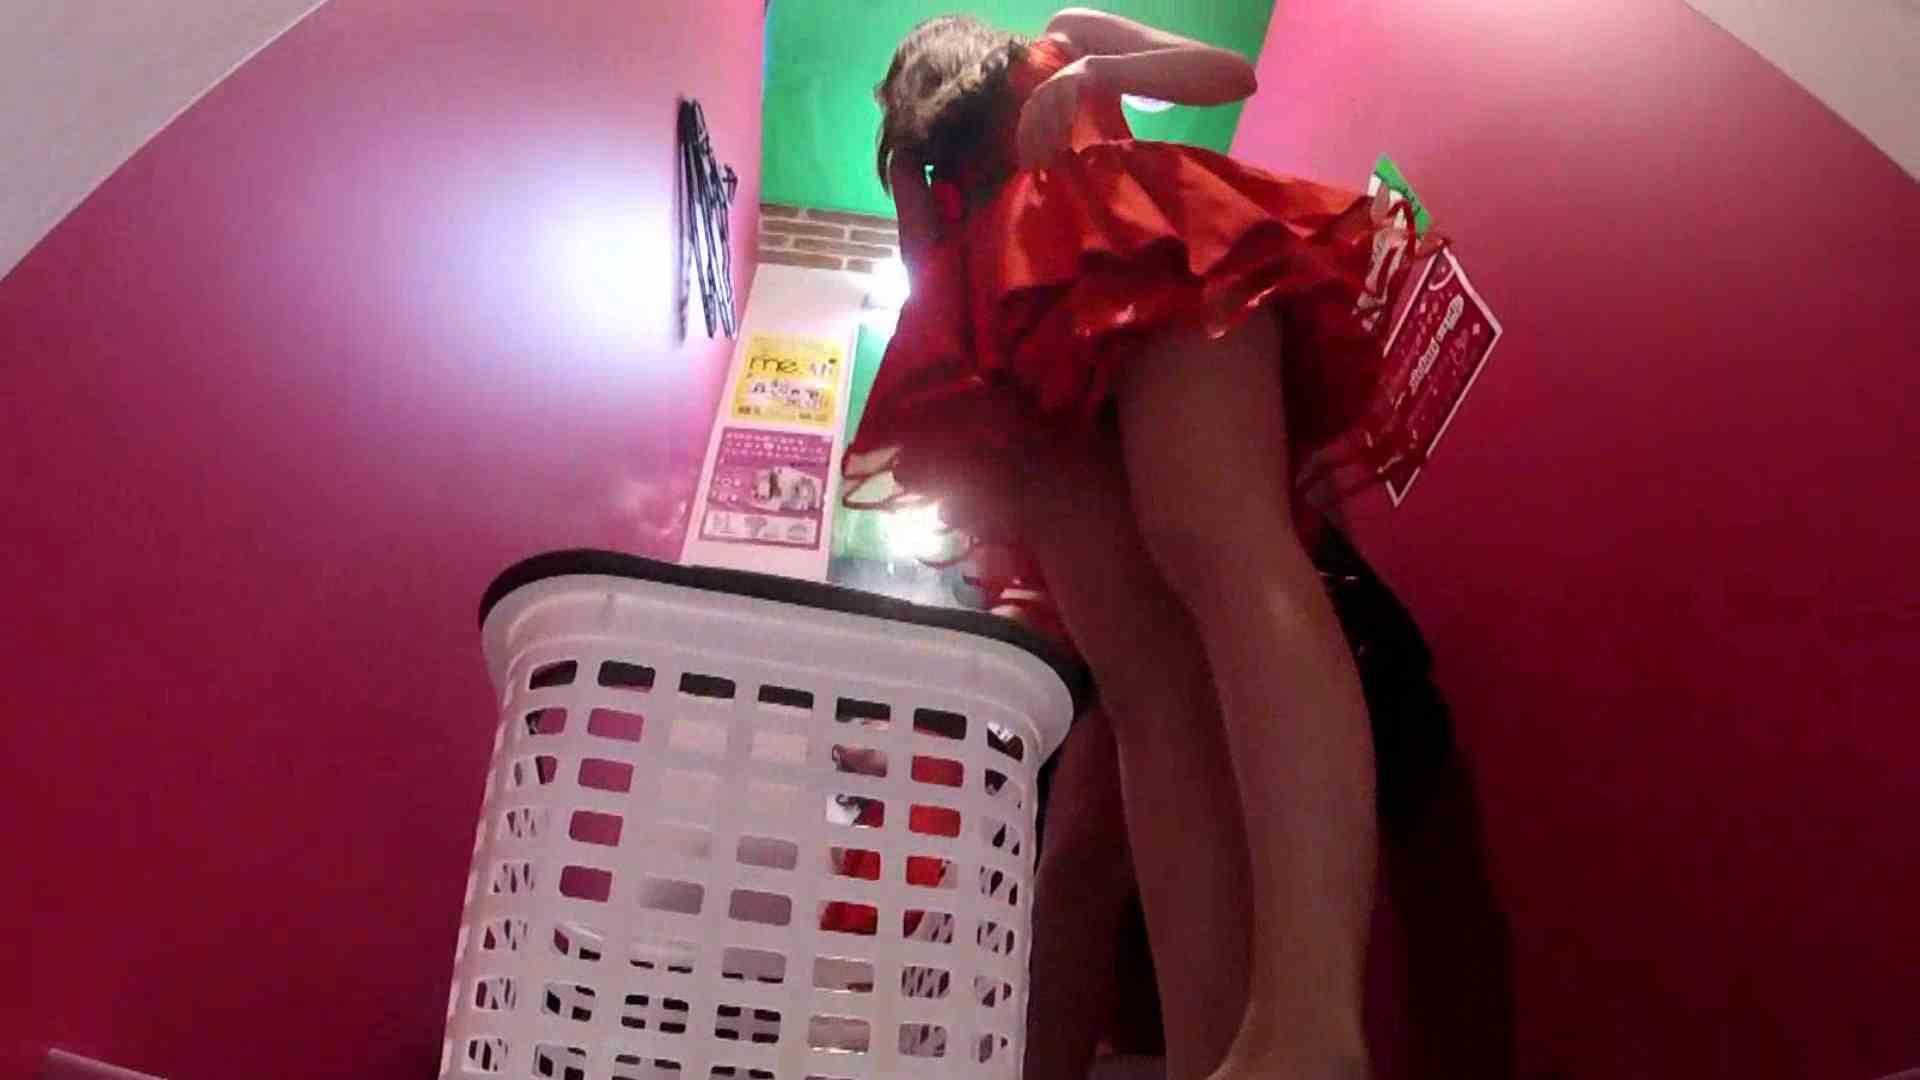 夢見る乙女の試着室 Vol.24 エロティックなOL 盗み撮り動画 55画像 35